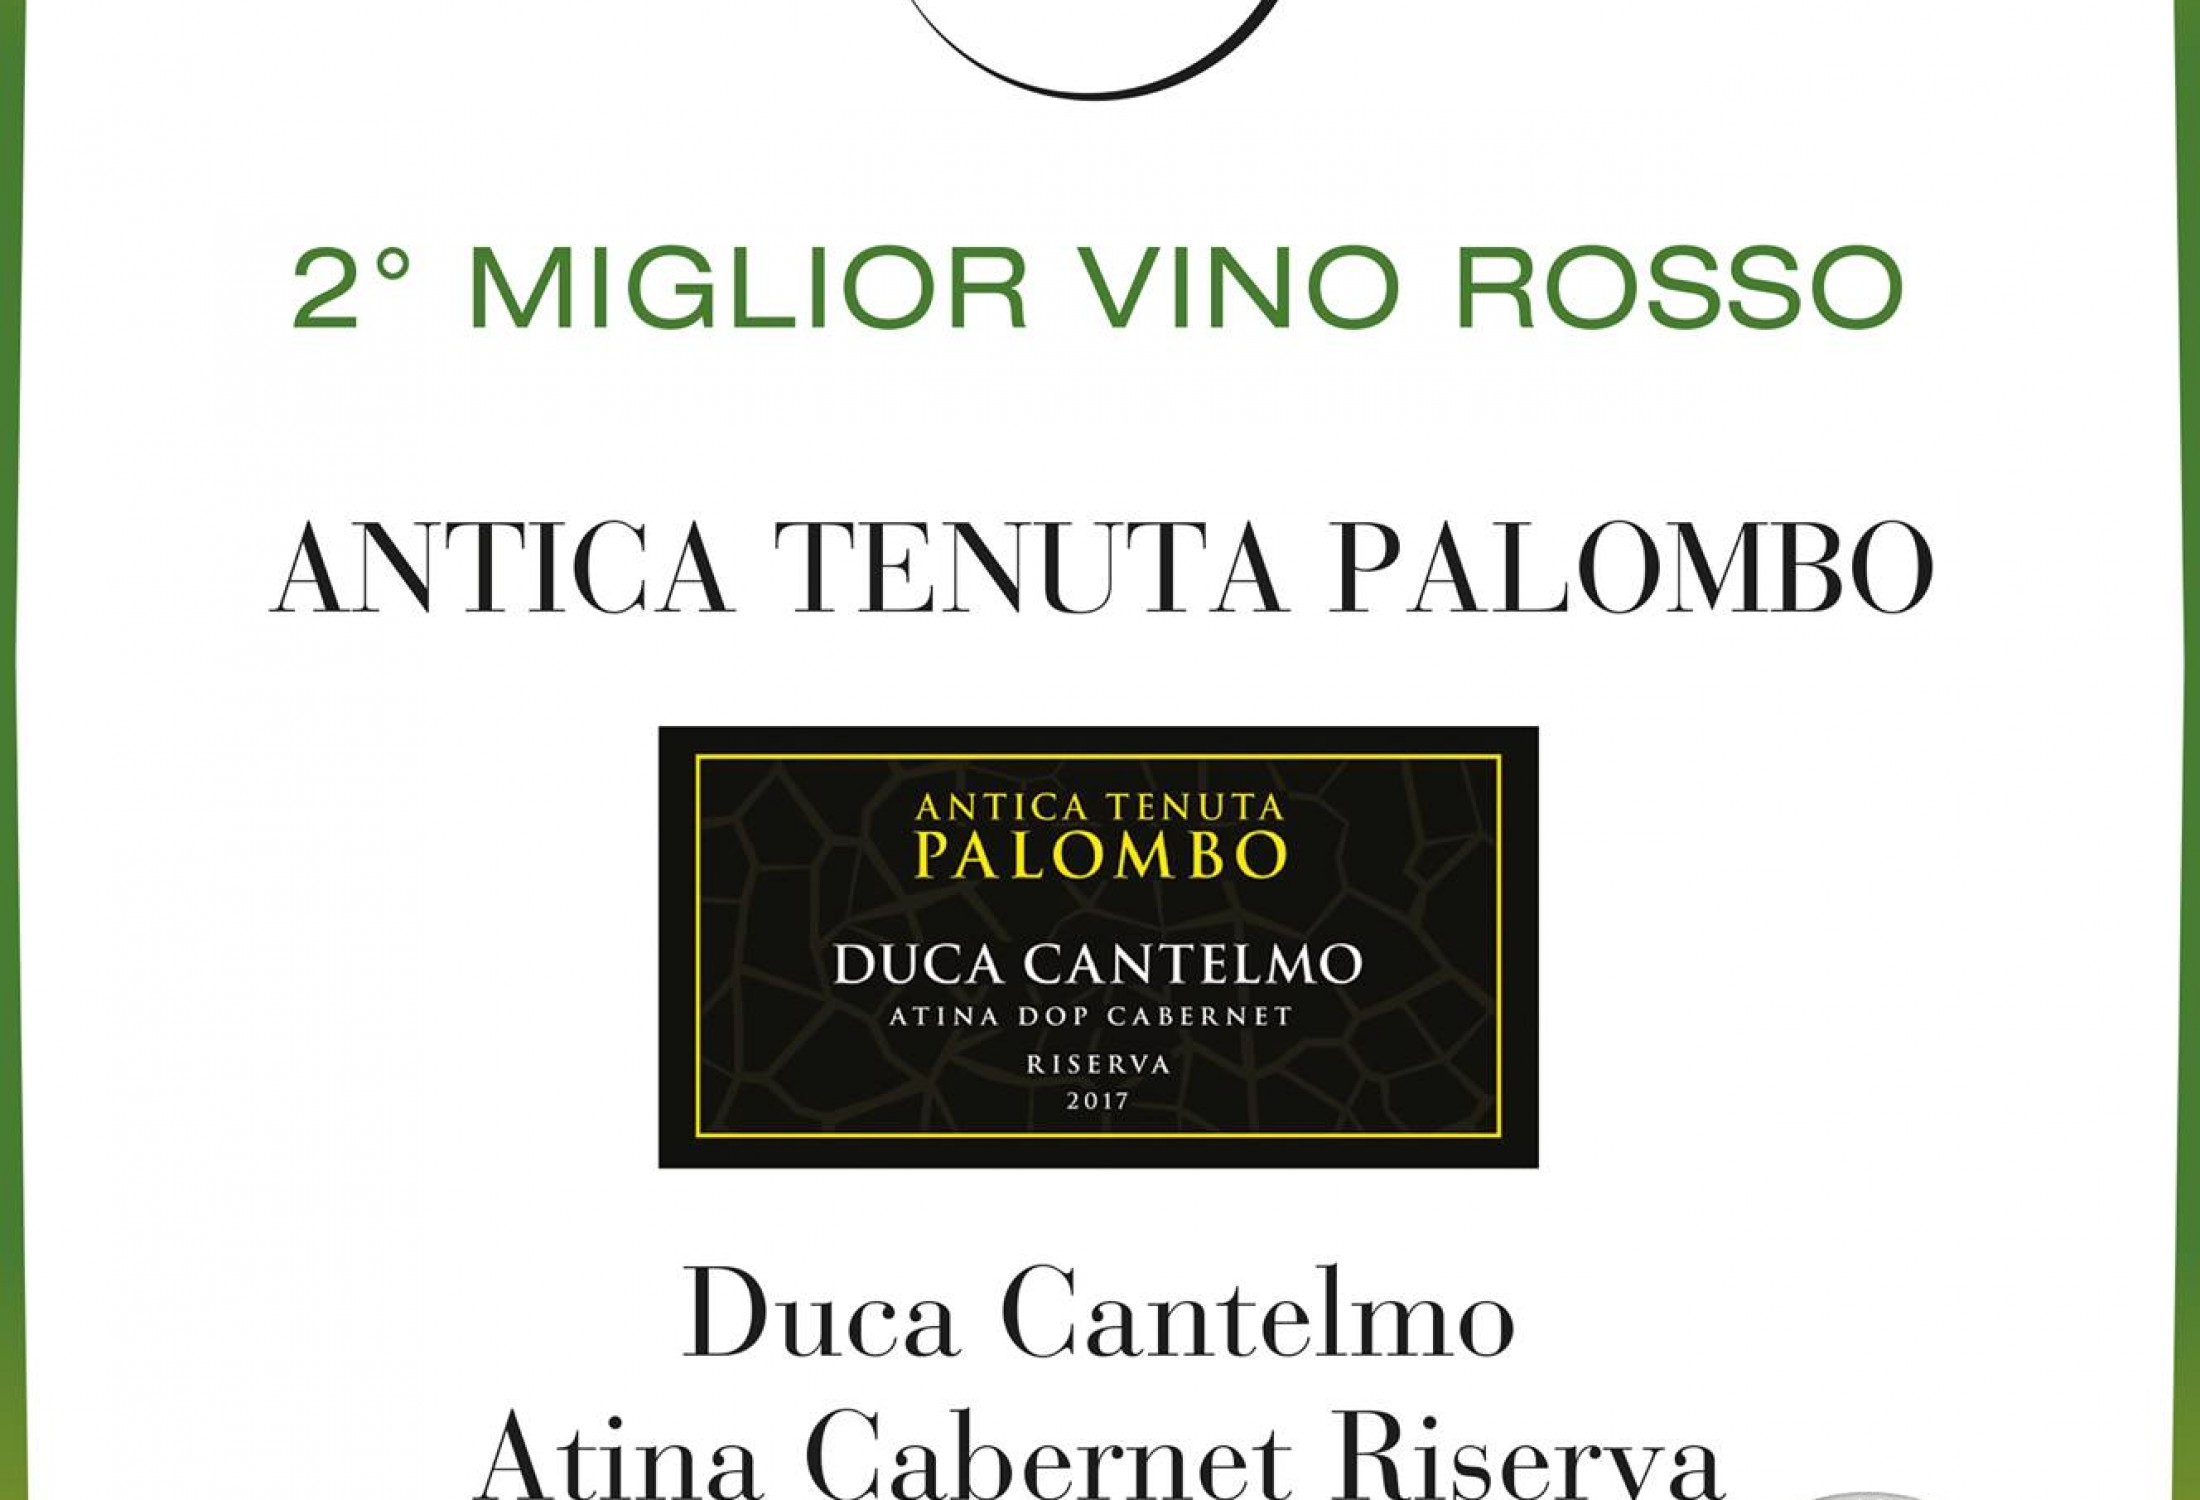 Duca Cantelmo Atina Cabernet Riserva del 2017 2°miglior vino rosso